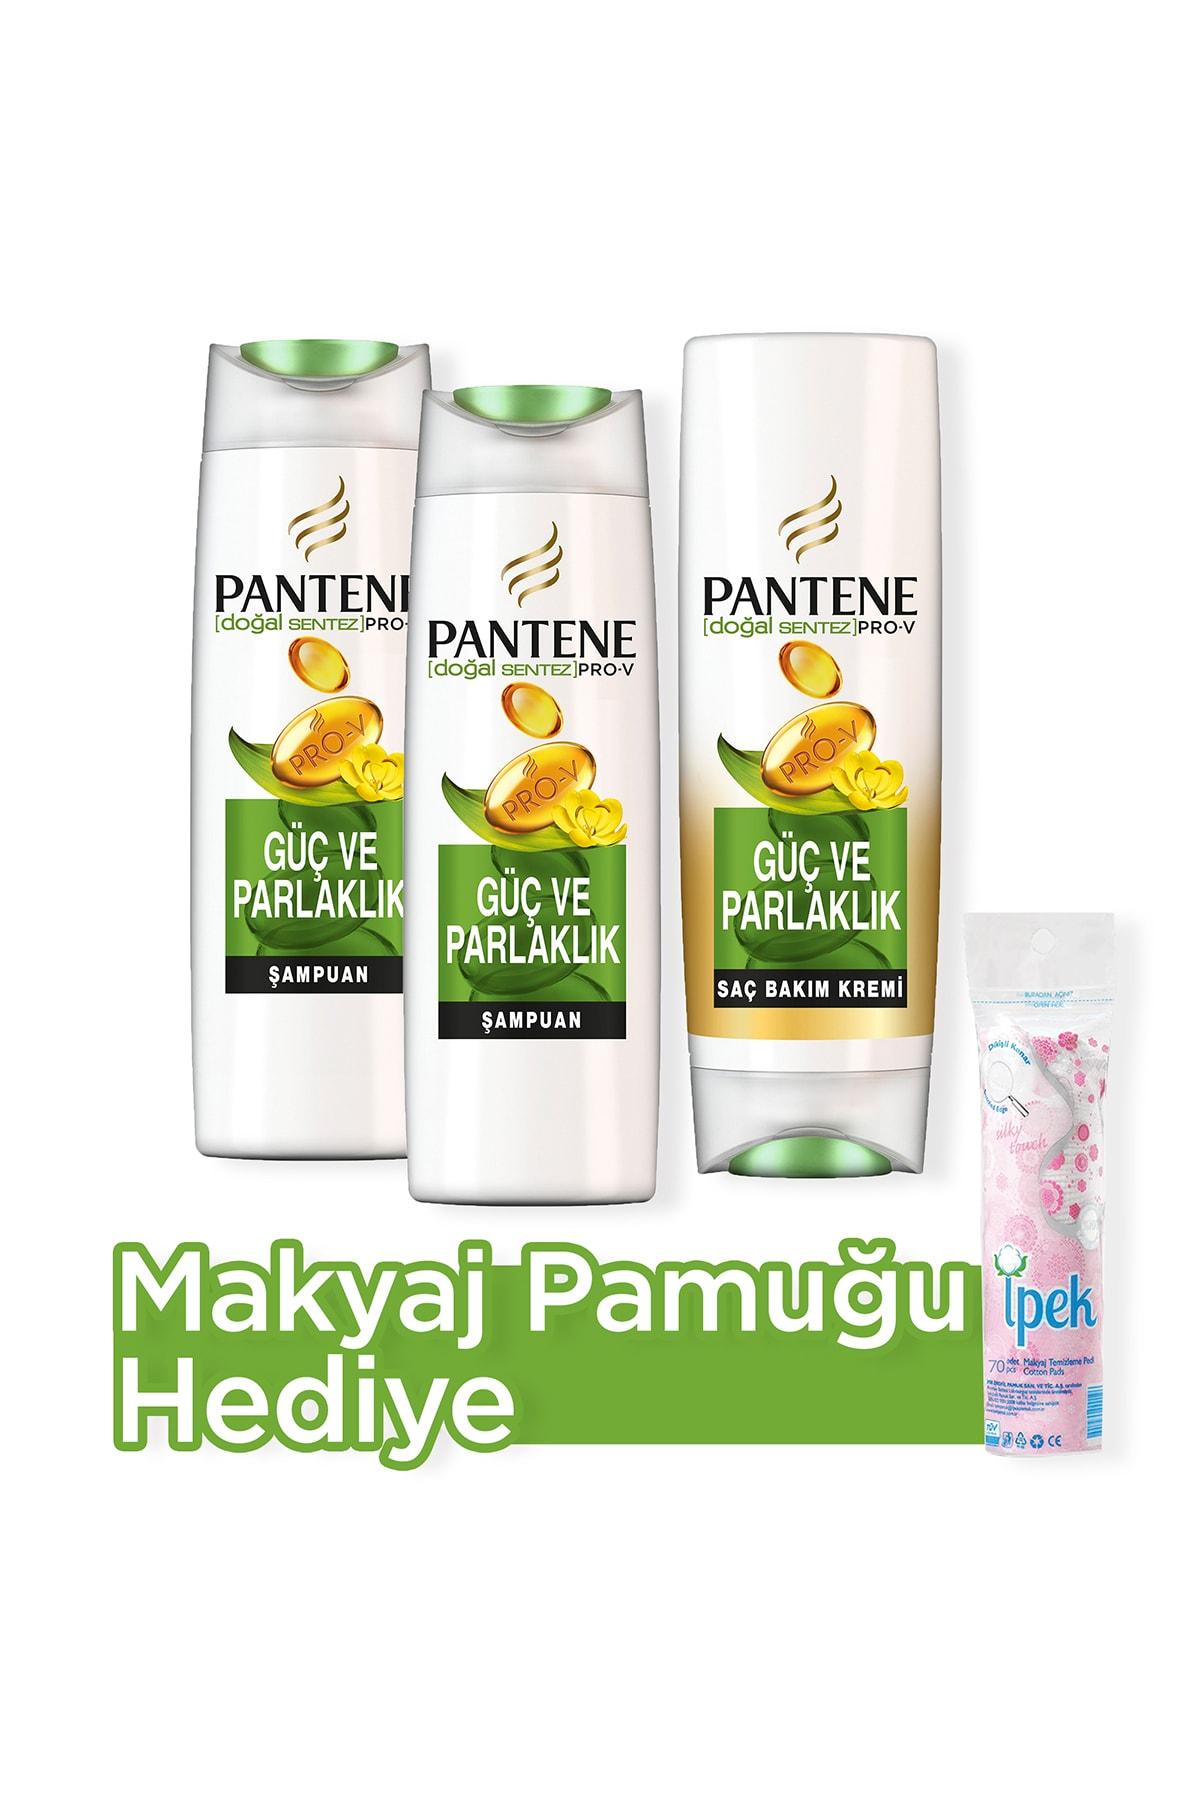 Güç ve Parlaklık Şampuan 500 ml x 2 + Saç Bakım Kremi 470 ml + Makyaj Pamugu Hediye